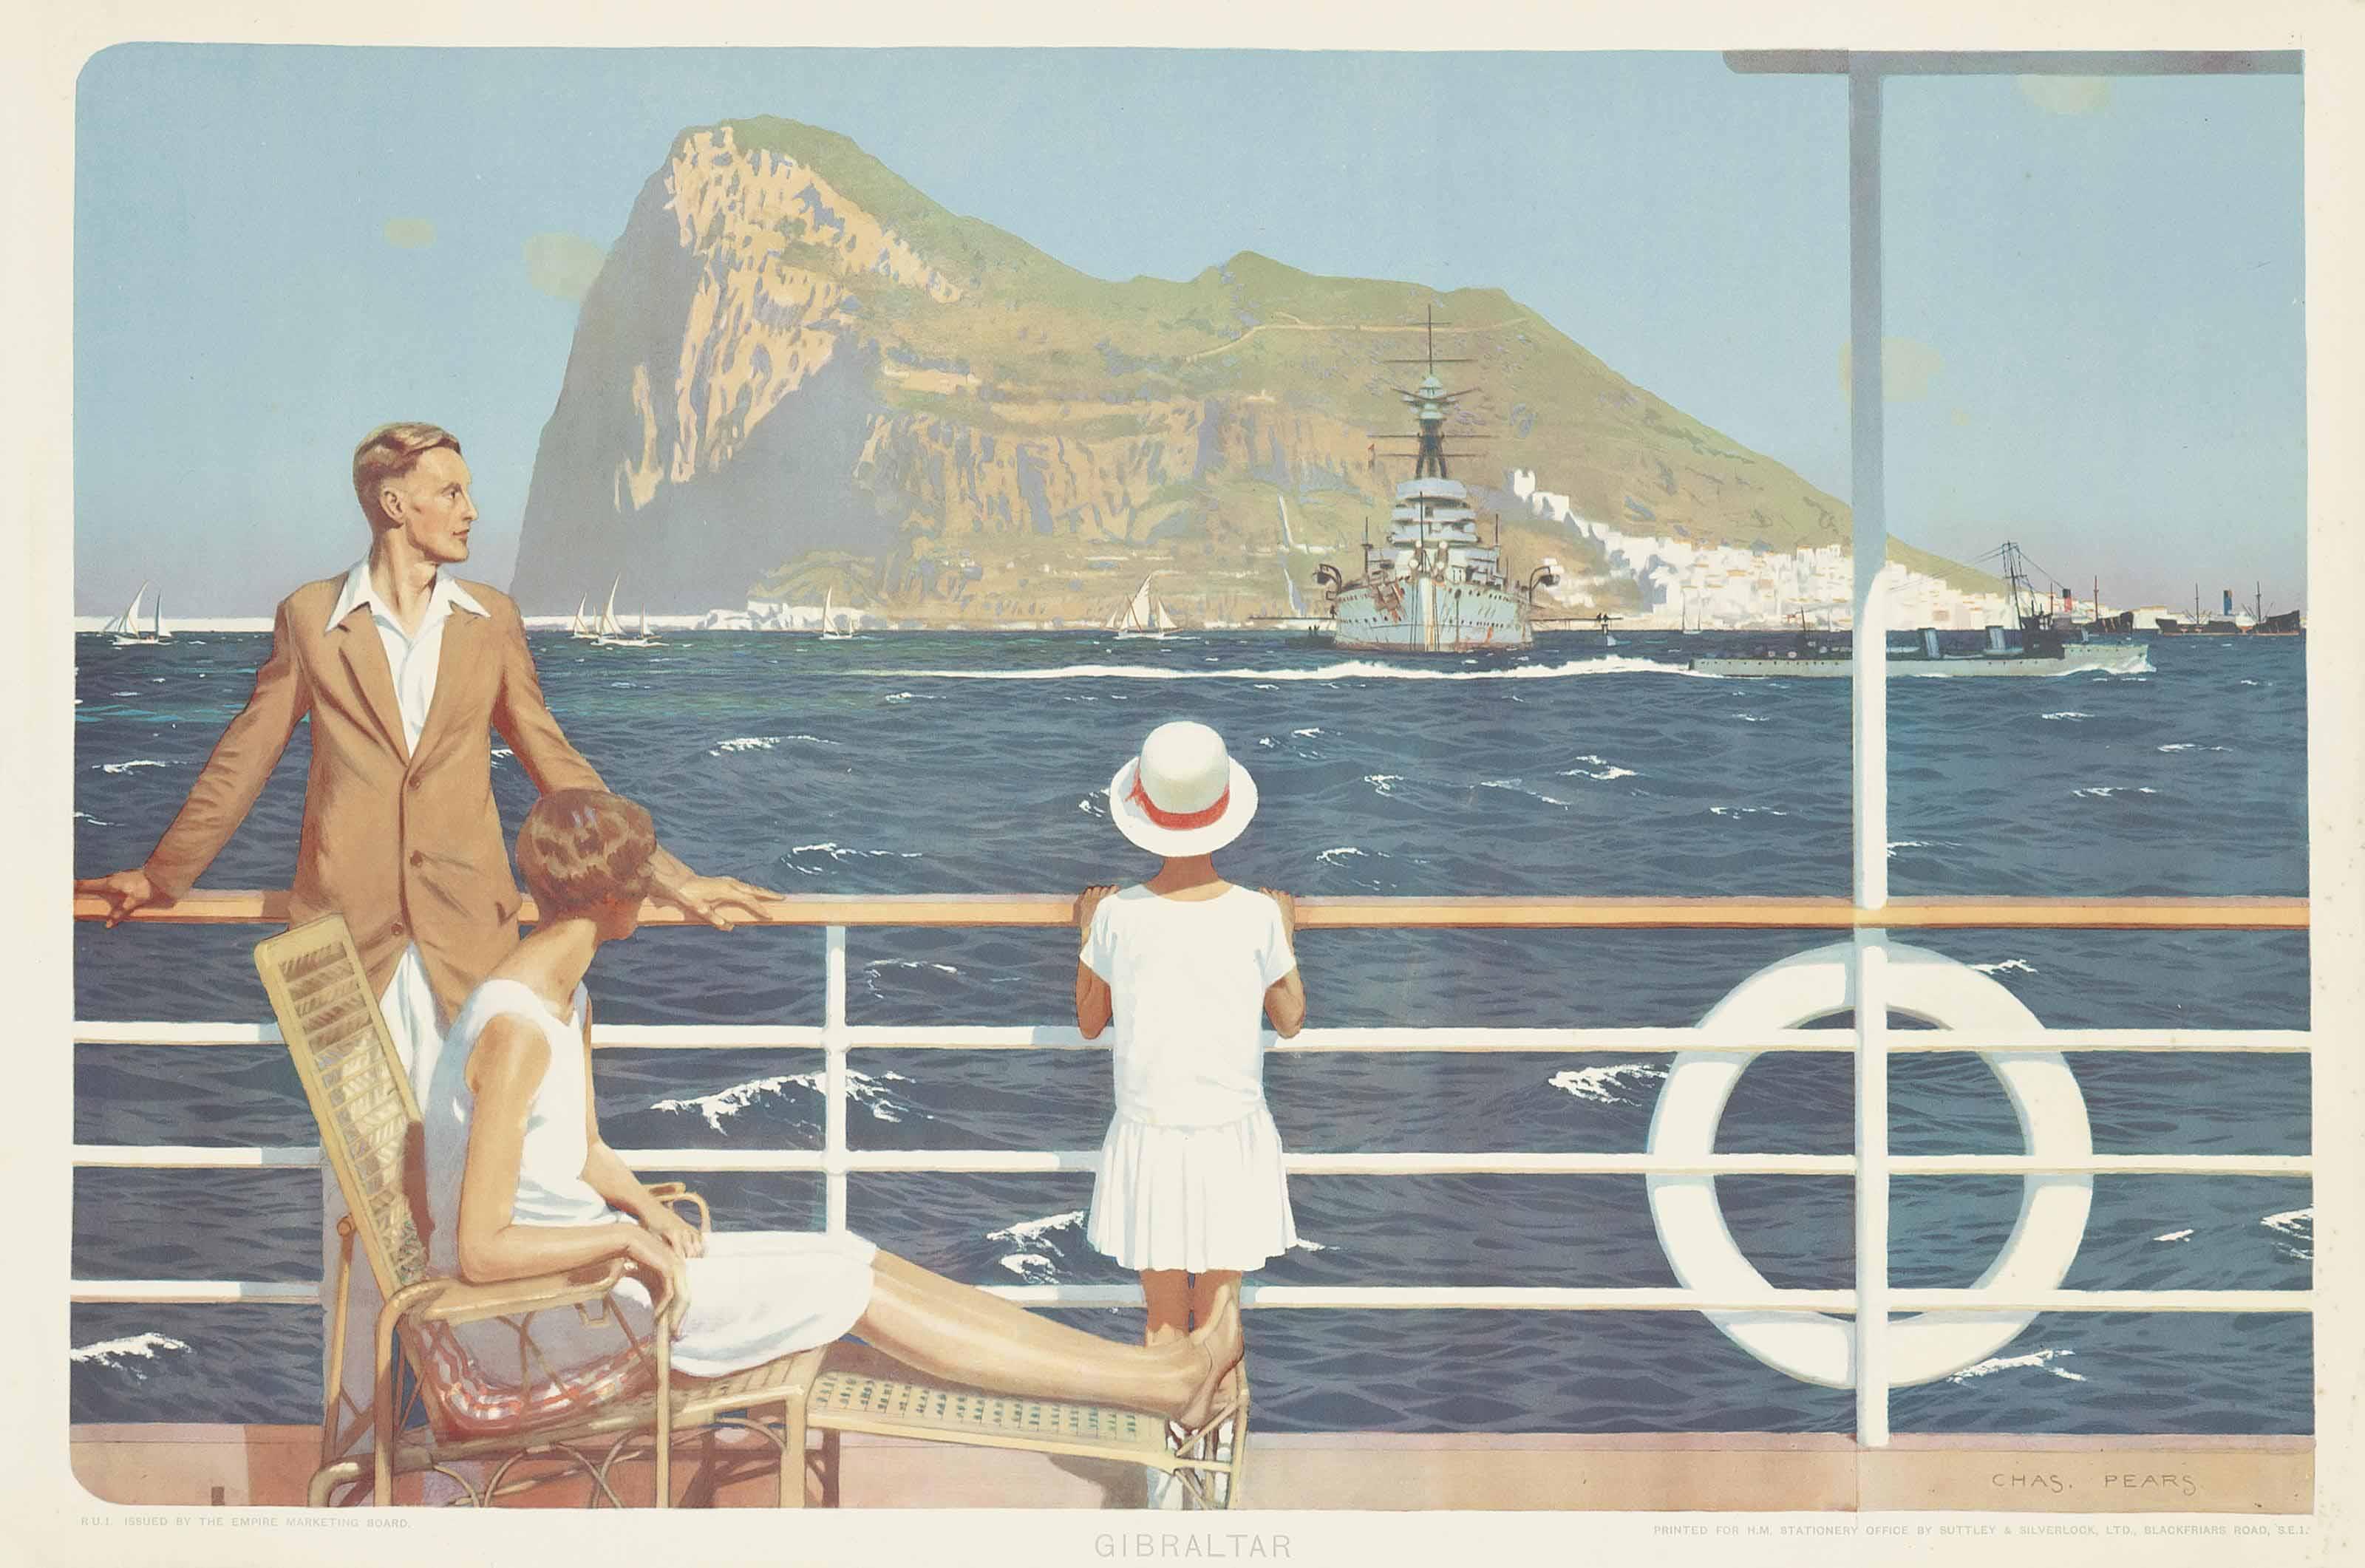 Gibraltar, The Empire Marketing Board